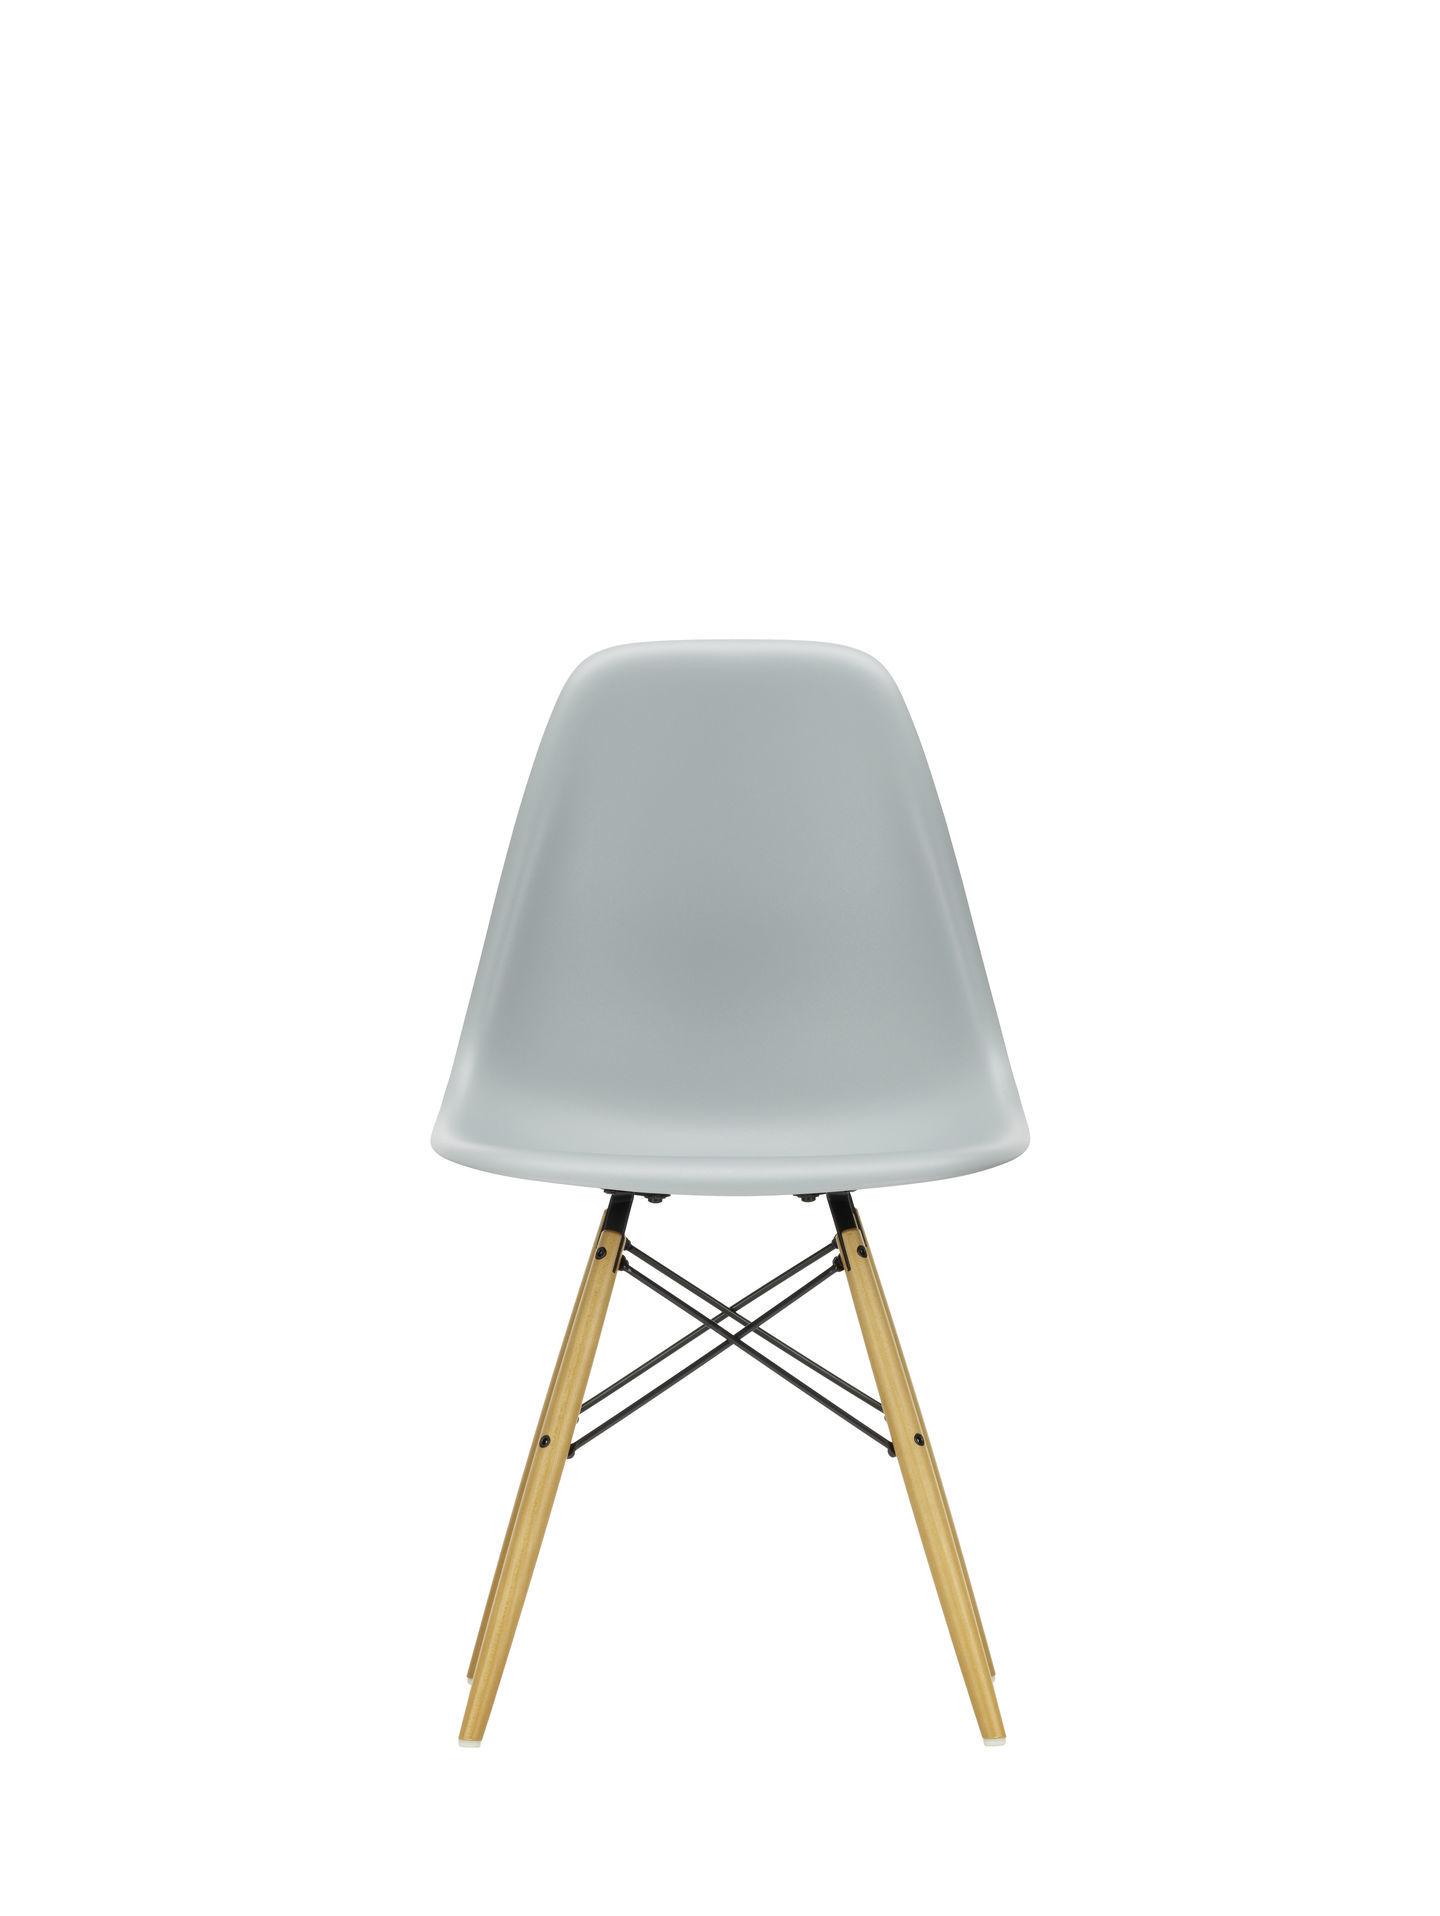 Eames Plastic Side Chair DSW Stuhl Vitra Esche honigfarben-Tiefschwarz